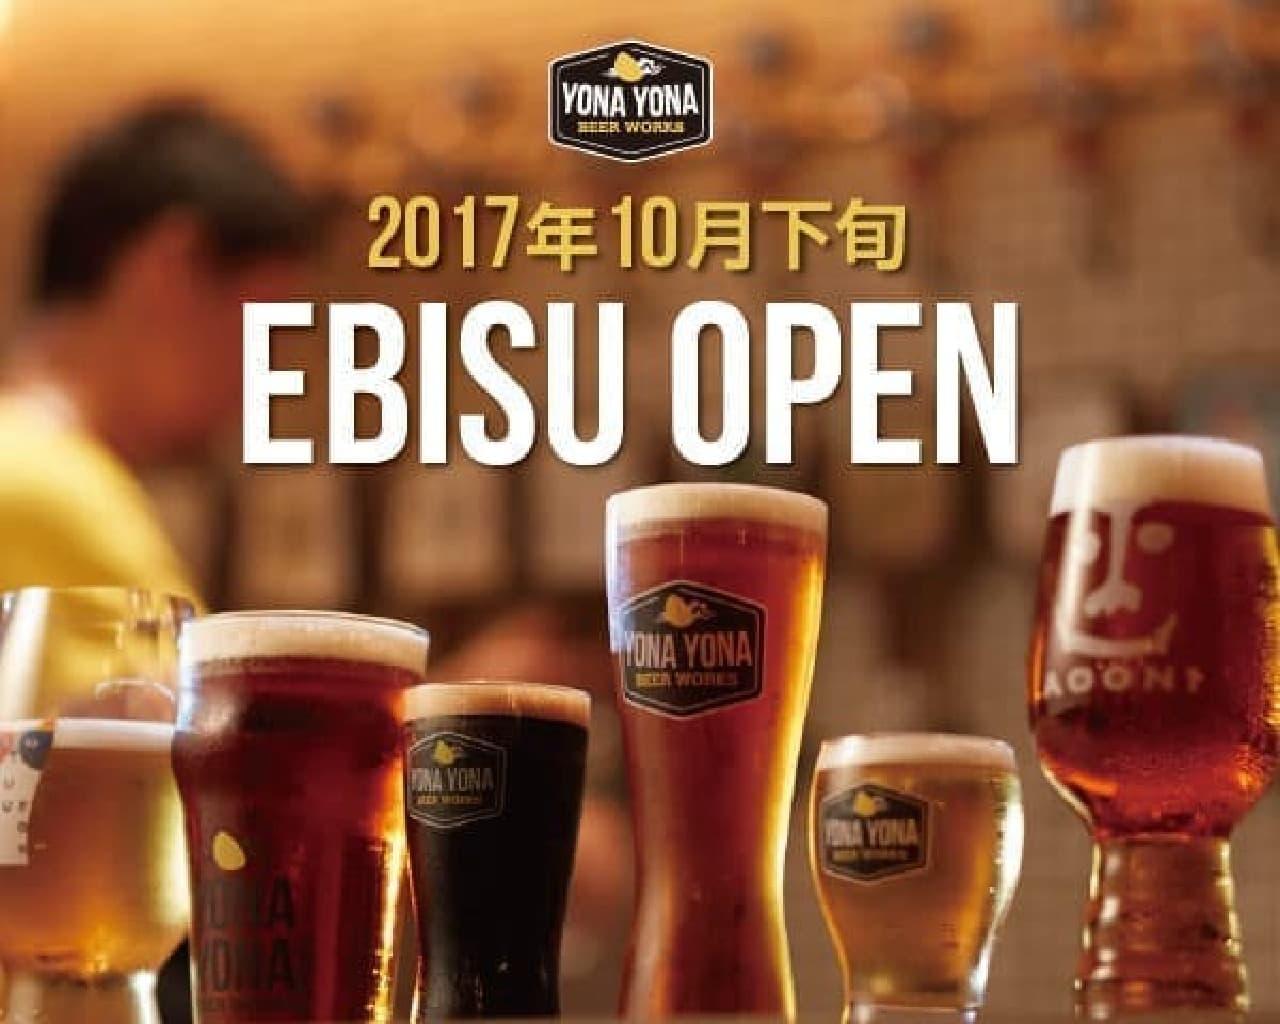 よなよなエール公式ビアバル「YONA YONA BEER WORKS」の恵比寿東口店がオープン